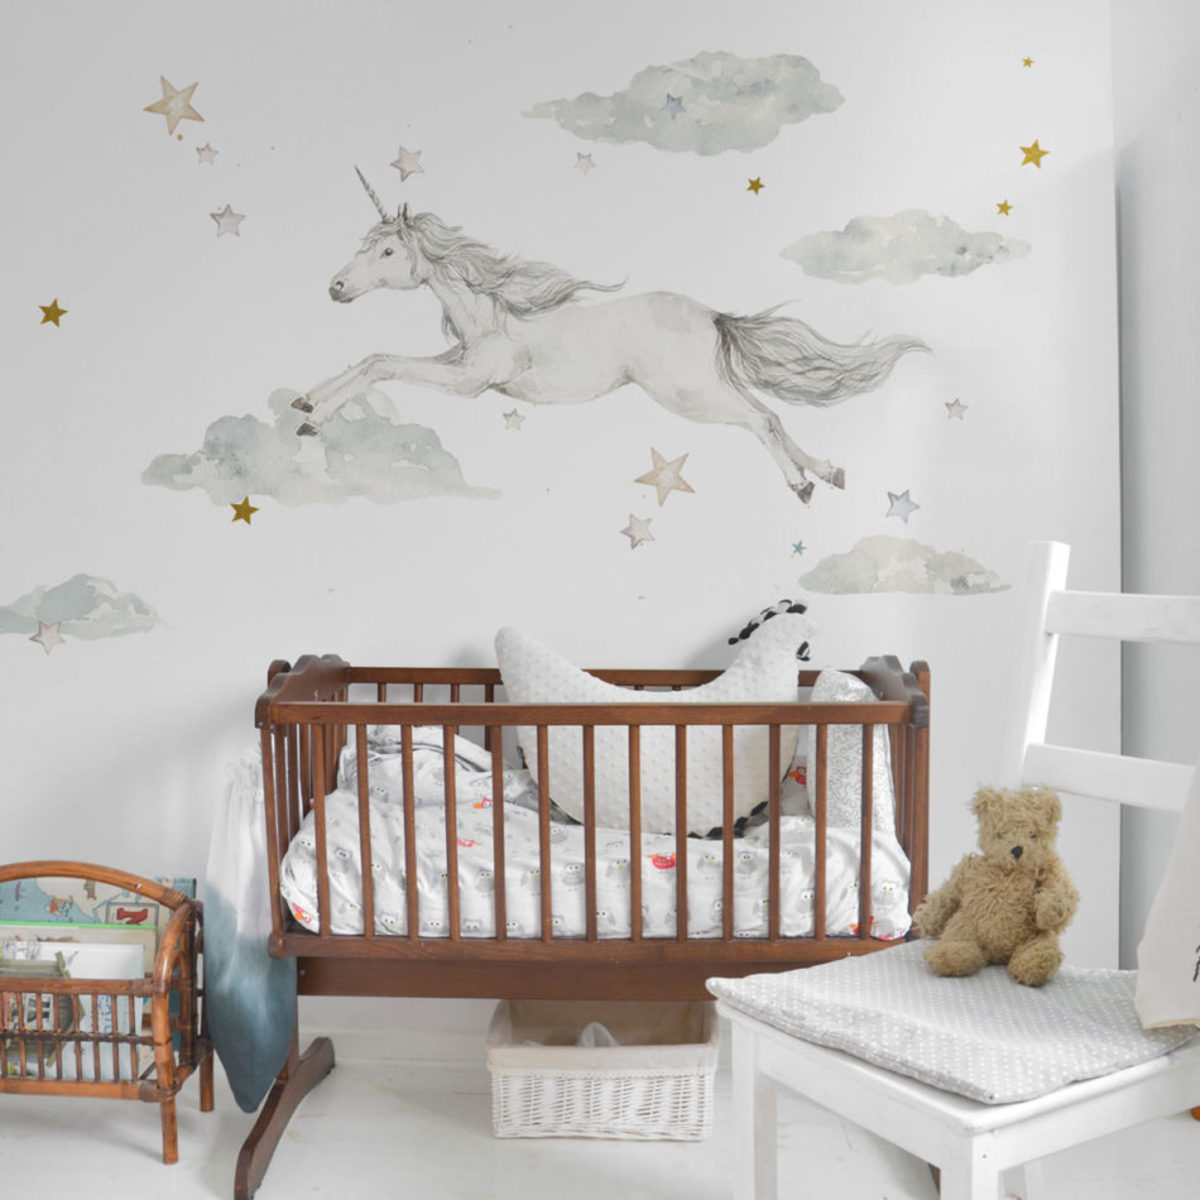 Samolepka na zeď Dekornik Unicorn in the Sky 30035-0, 0.5 m²